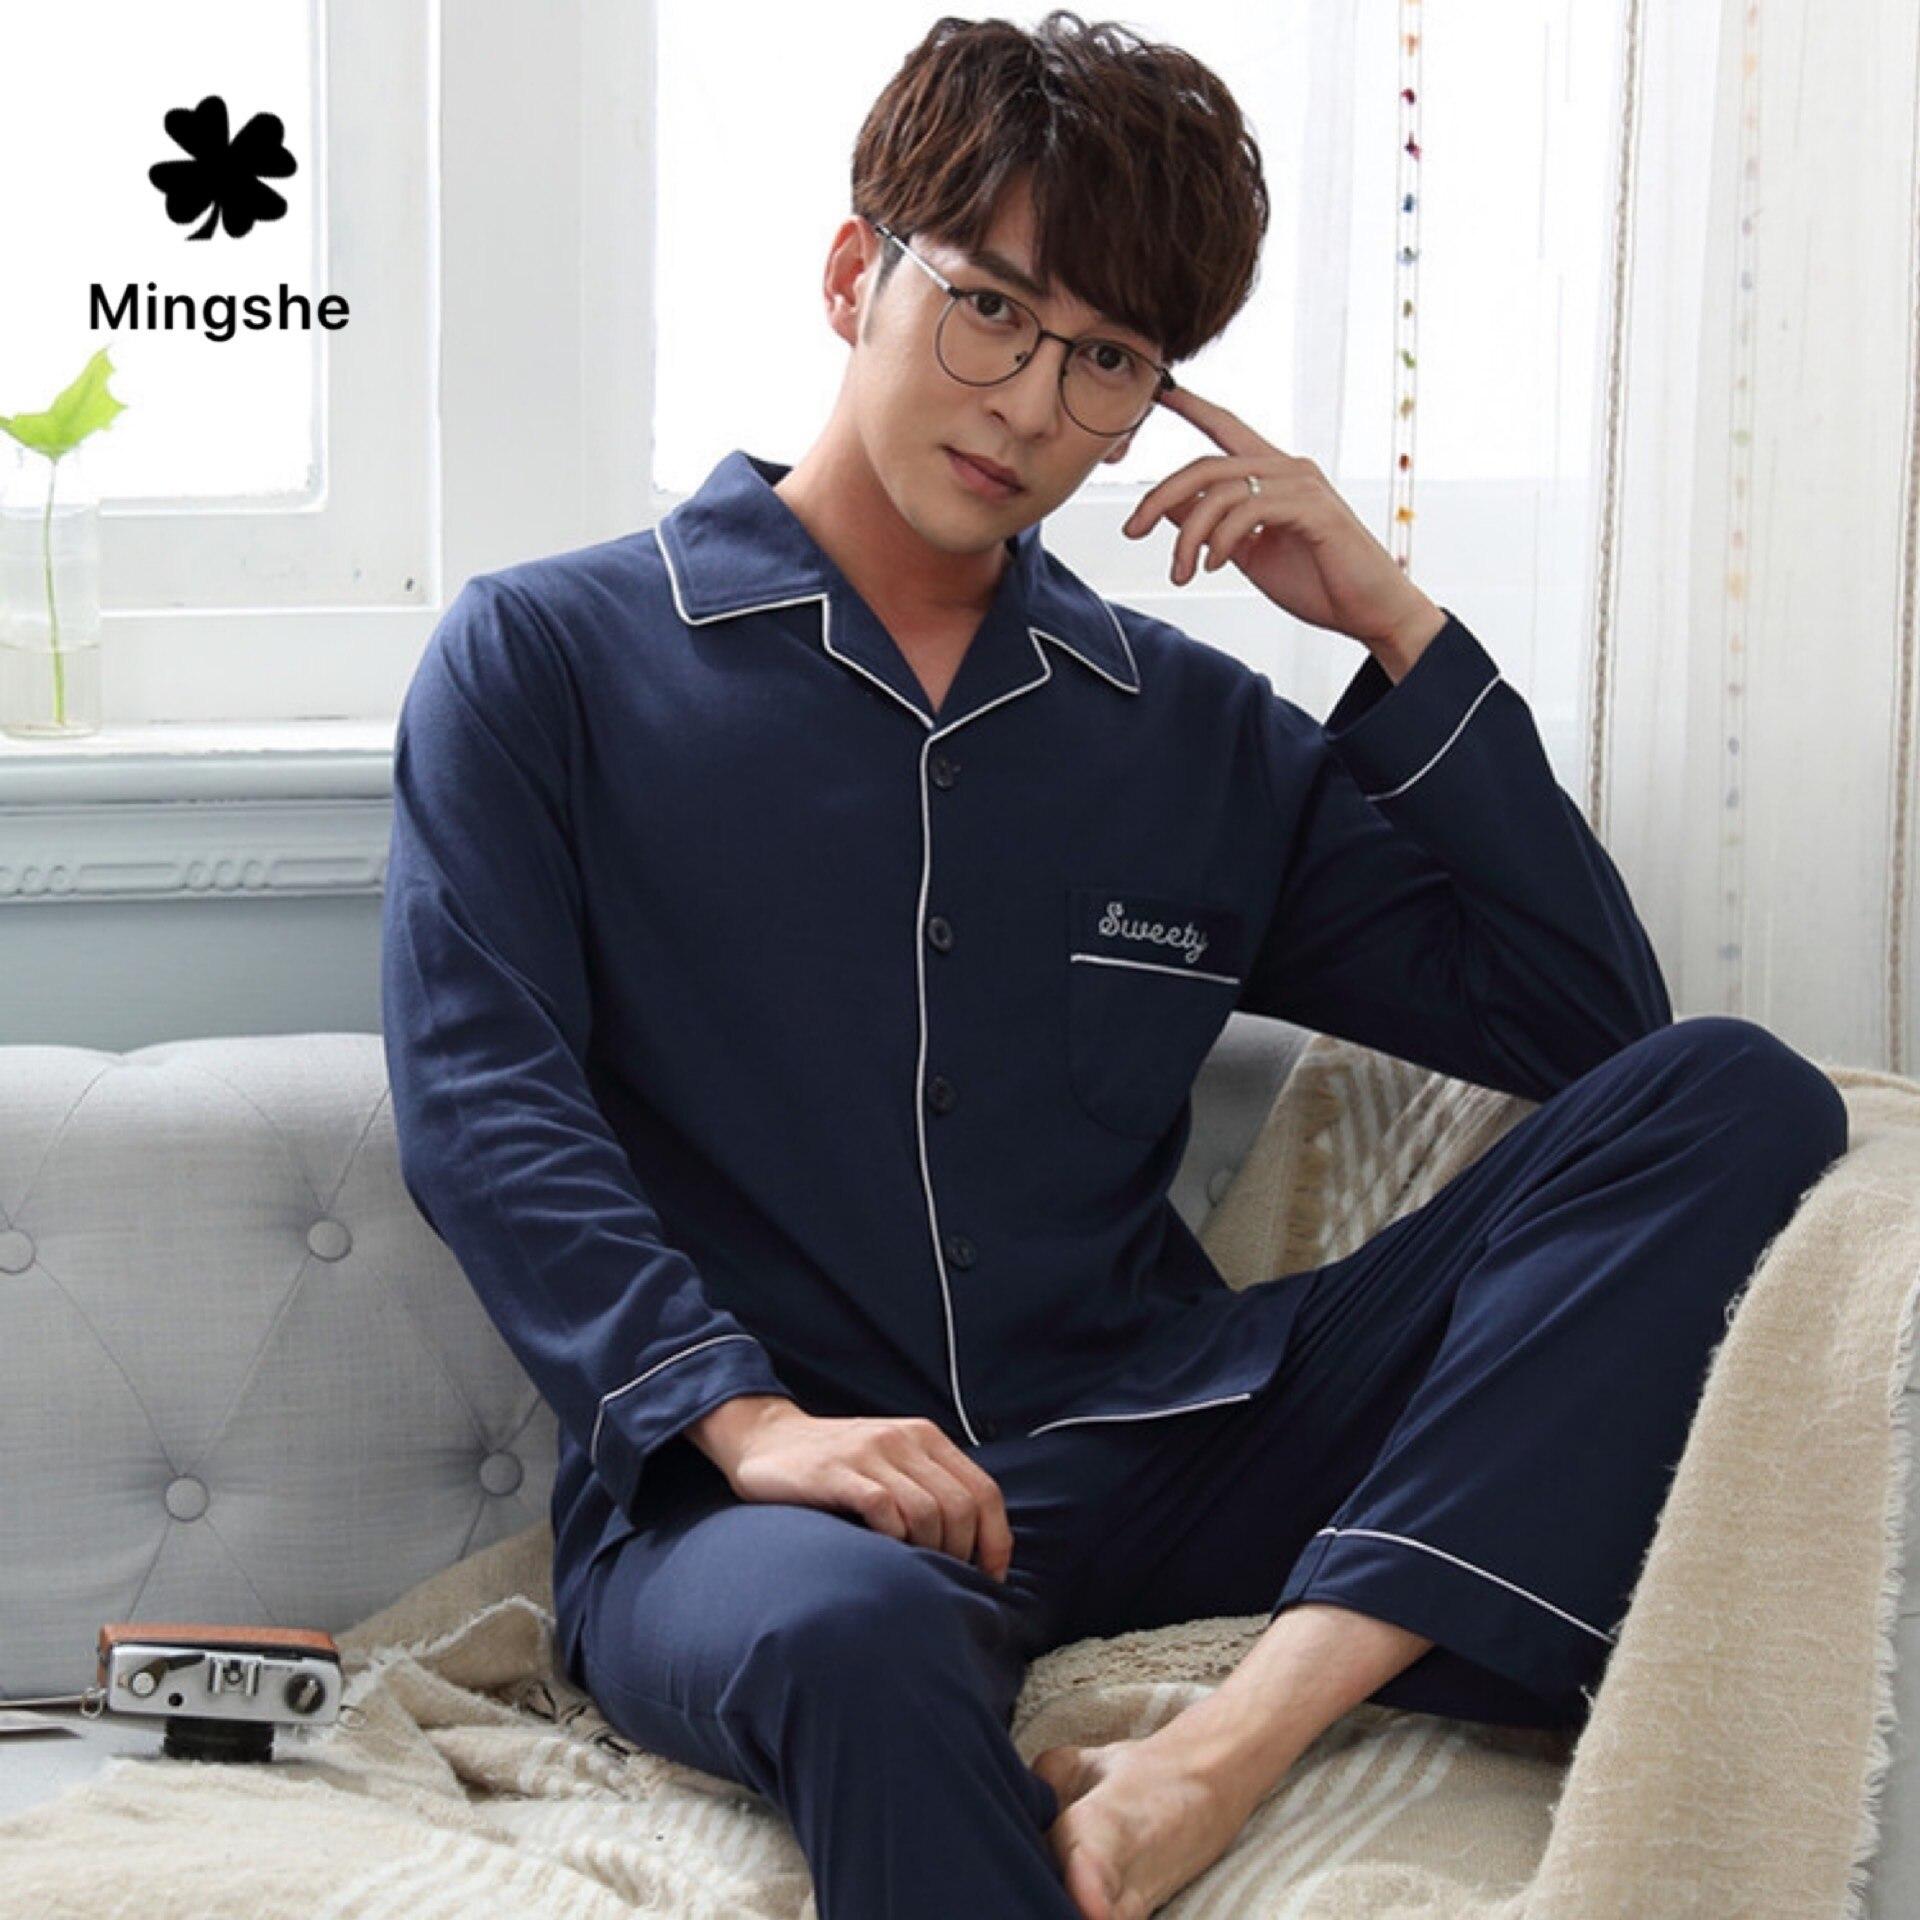 MS, новинка 2019, осенне-зимний Кардиган с отворотом, вязанный хлопок, простая атмосфера, одноцветная Мужская пижама, домашняя одежда